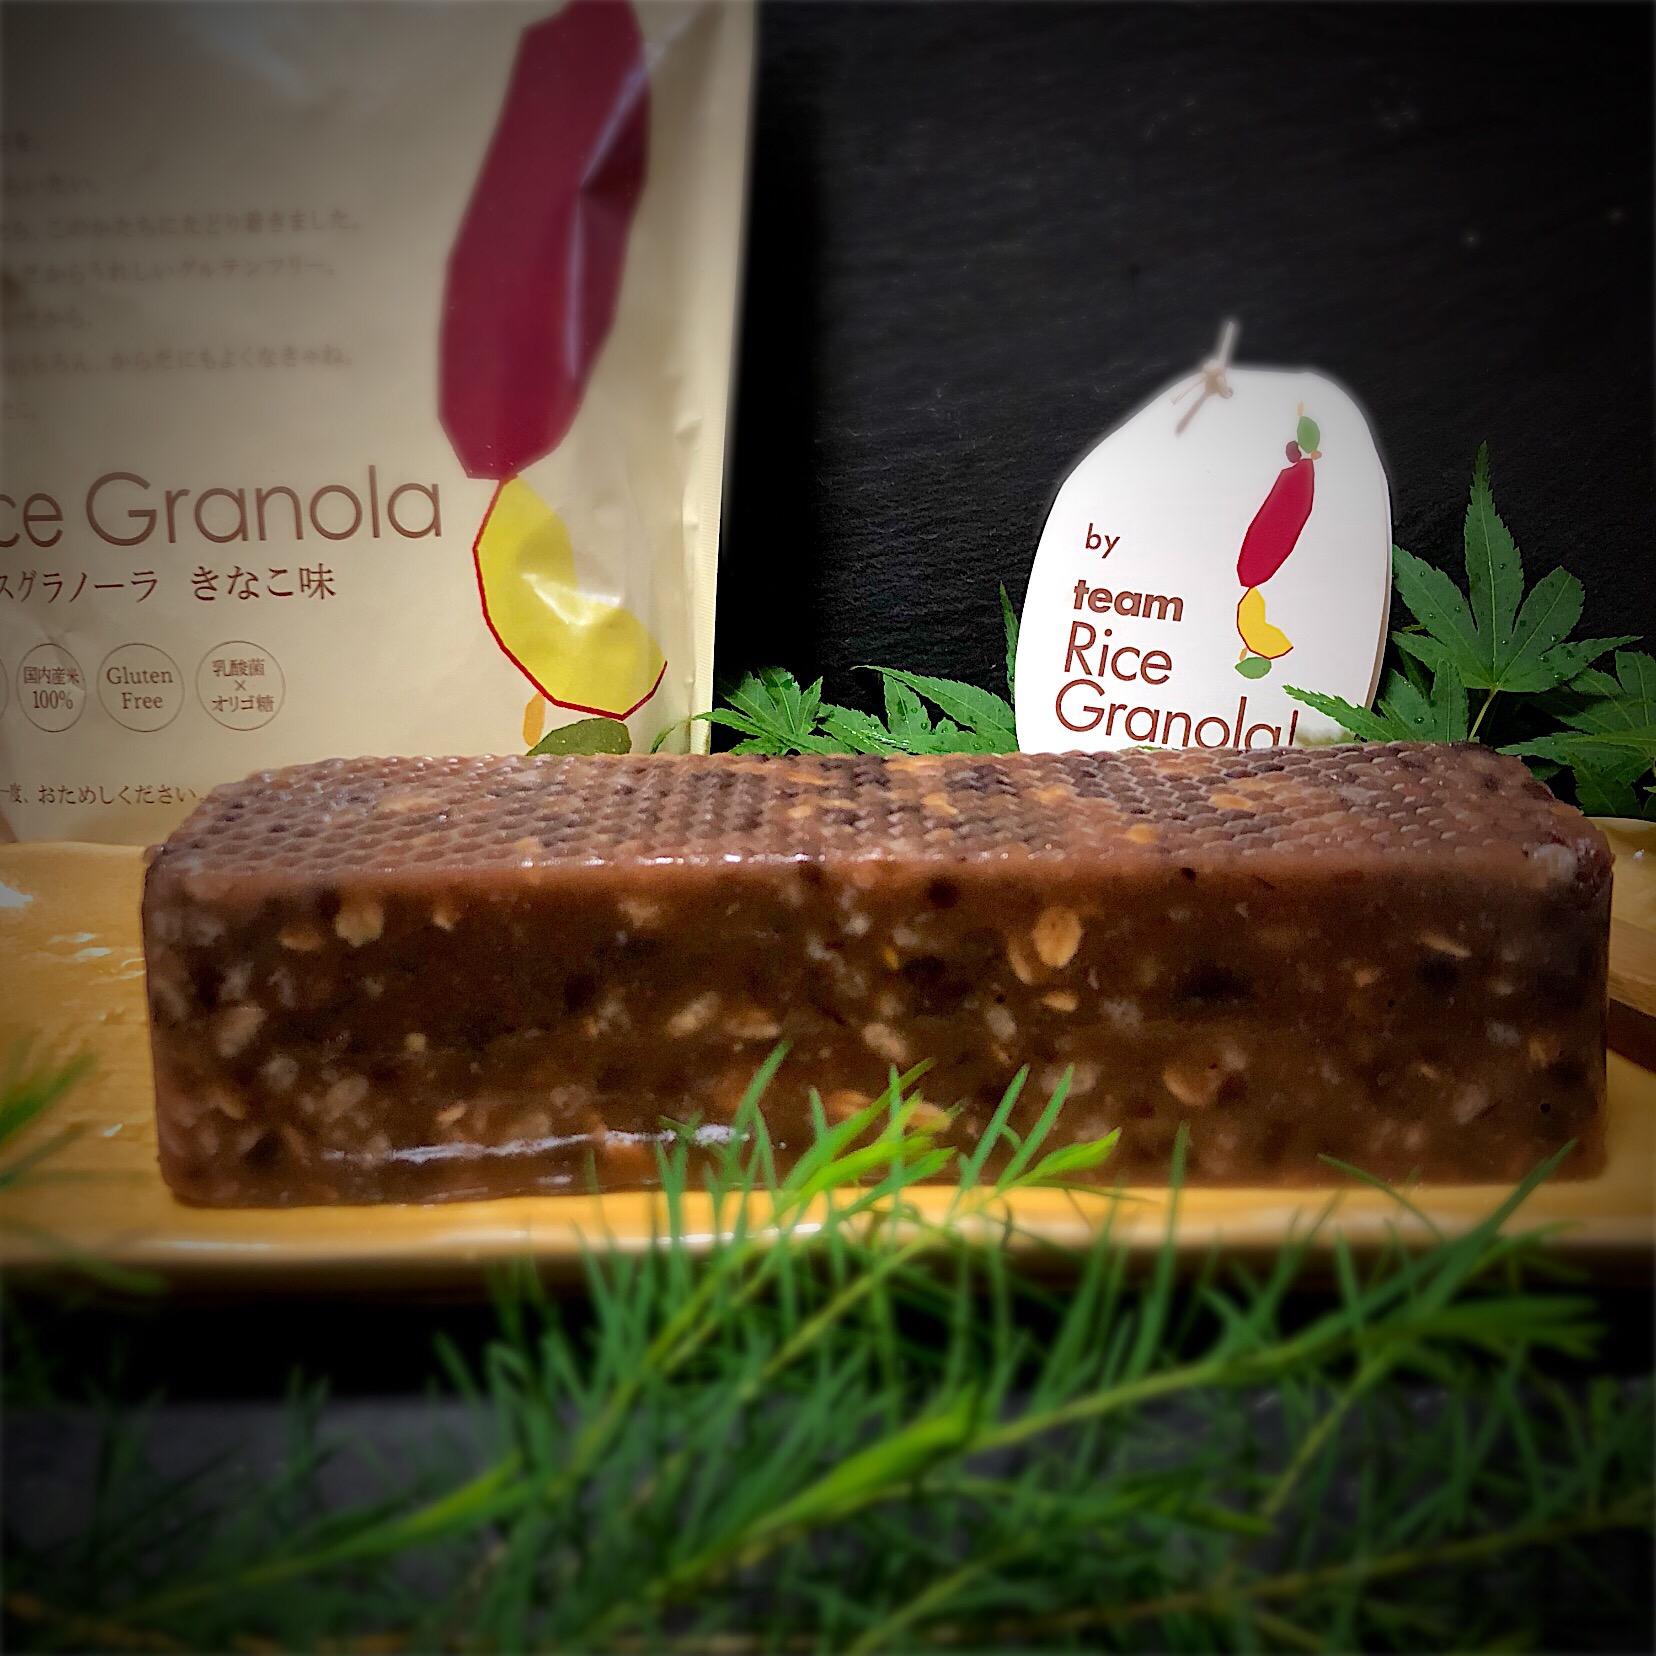 ライスグラノーラきなこ味で羊羹 #teamricegranola  #グルテンフリー  #ライスグラノーラきなこ味